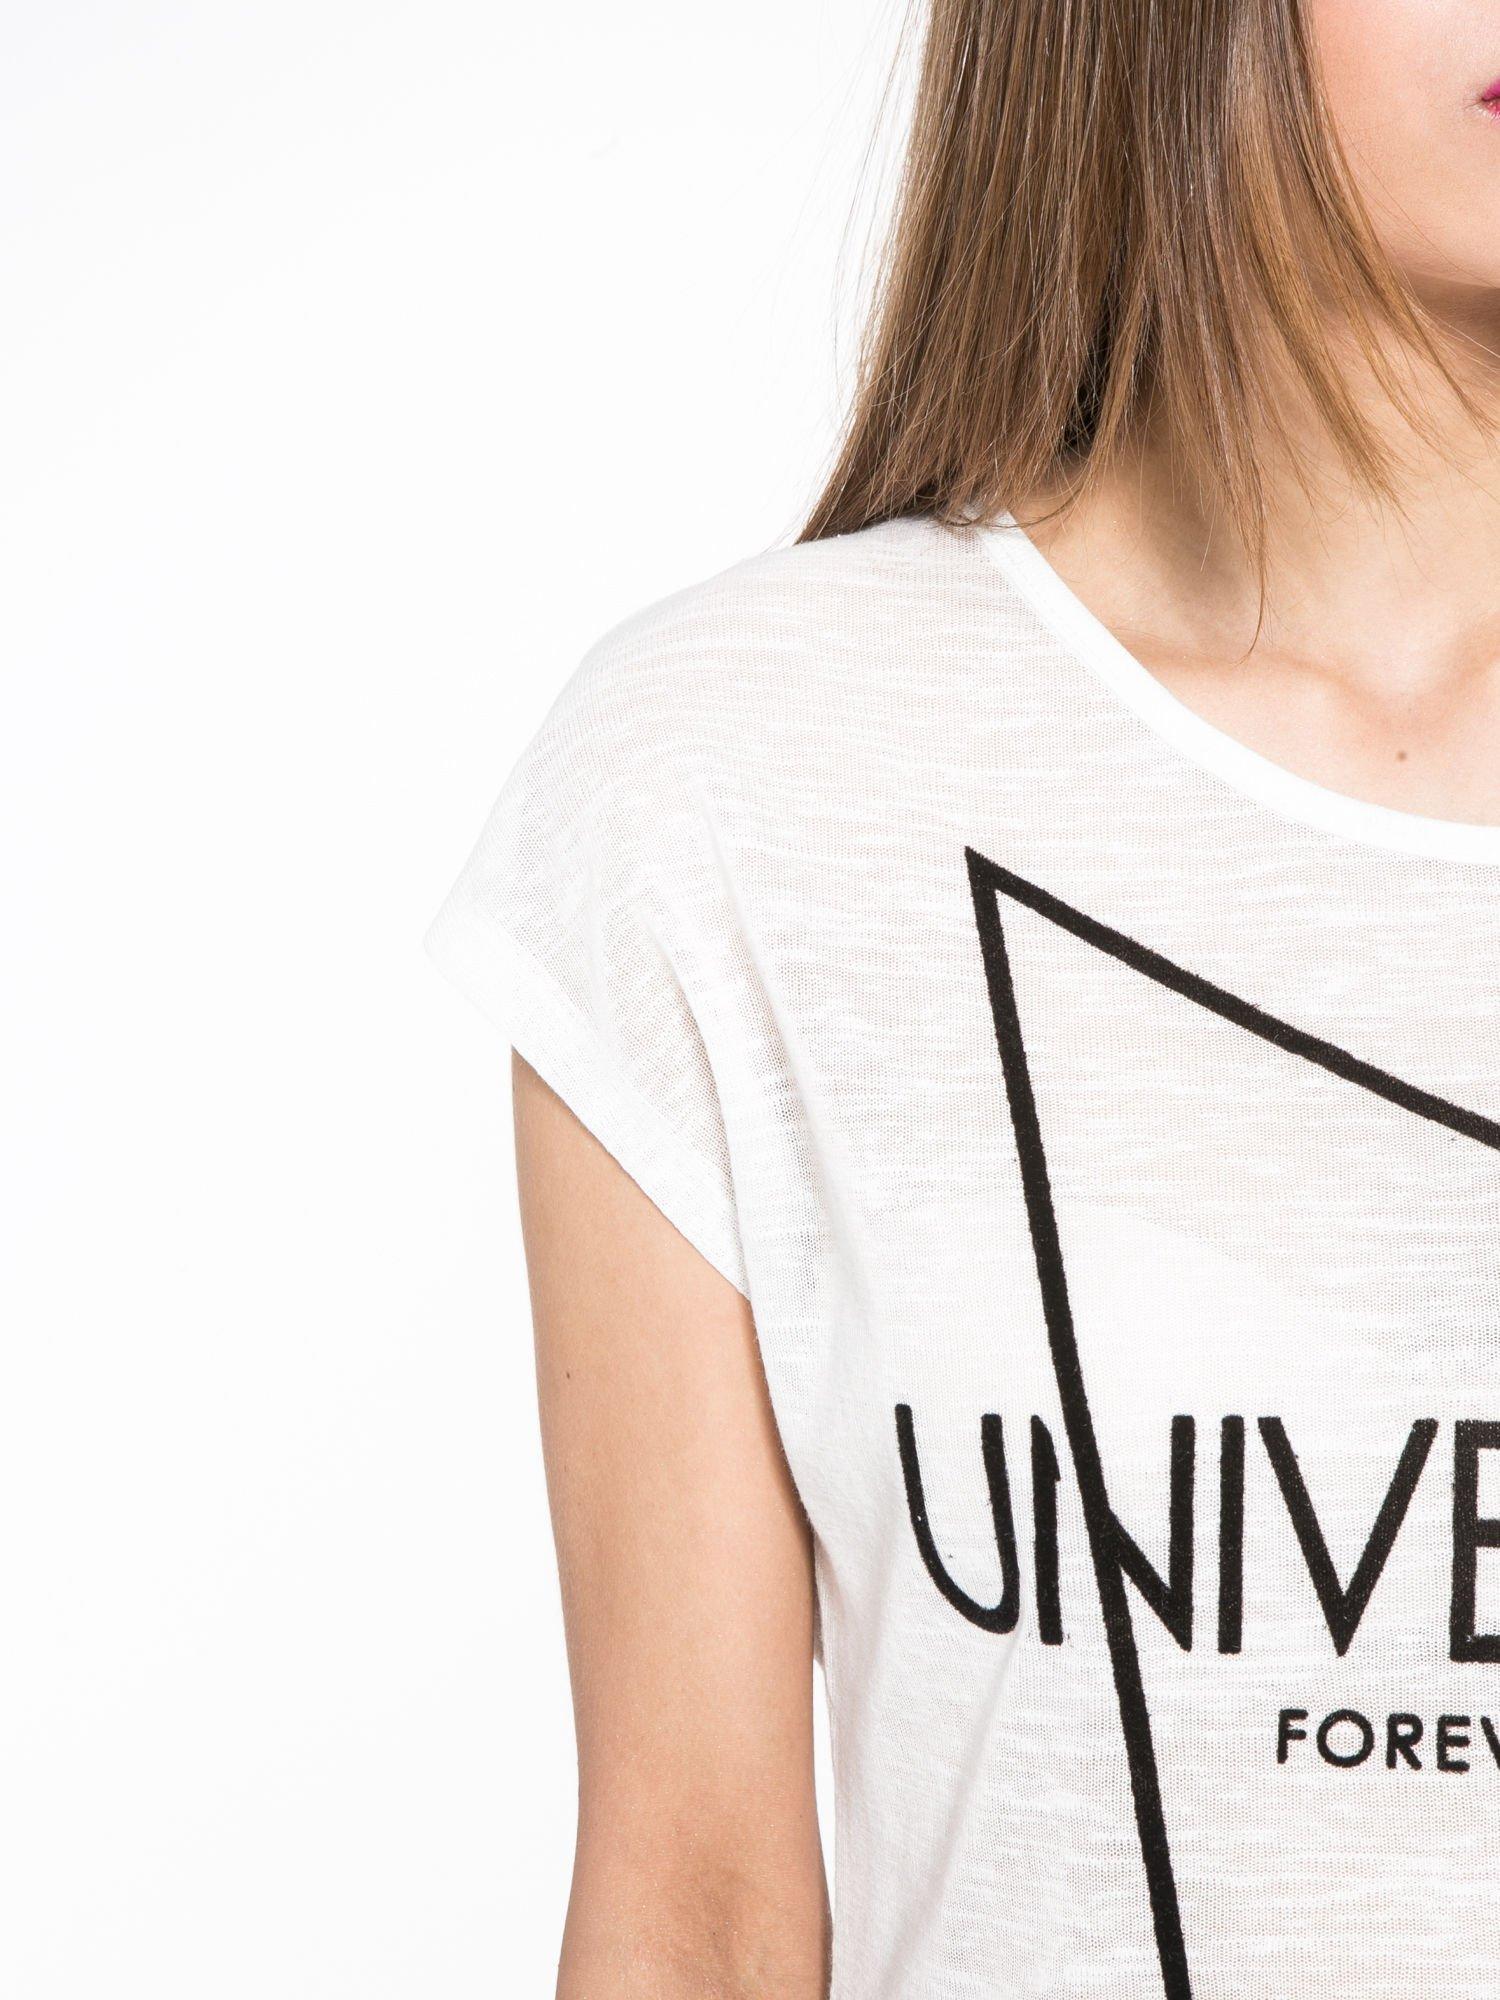 Biały t-shirt z nadrukiem UNIVERSITY FORVER                                  zdj.                                  5